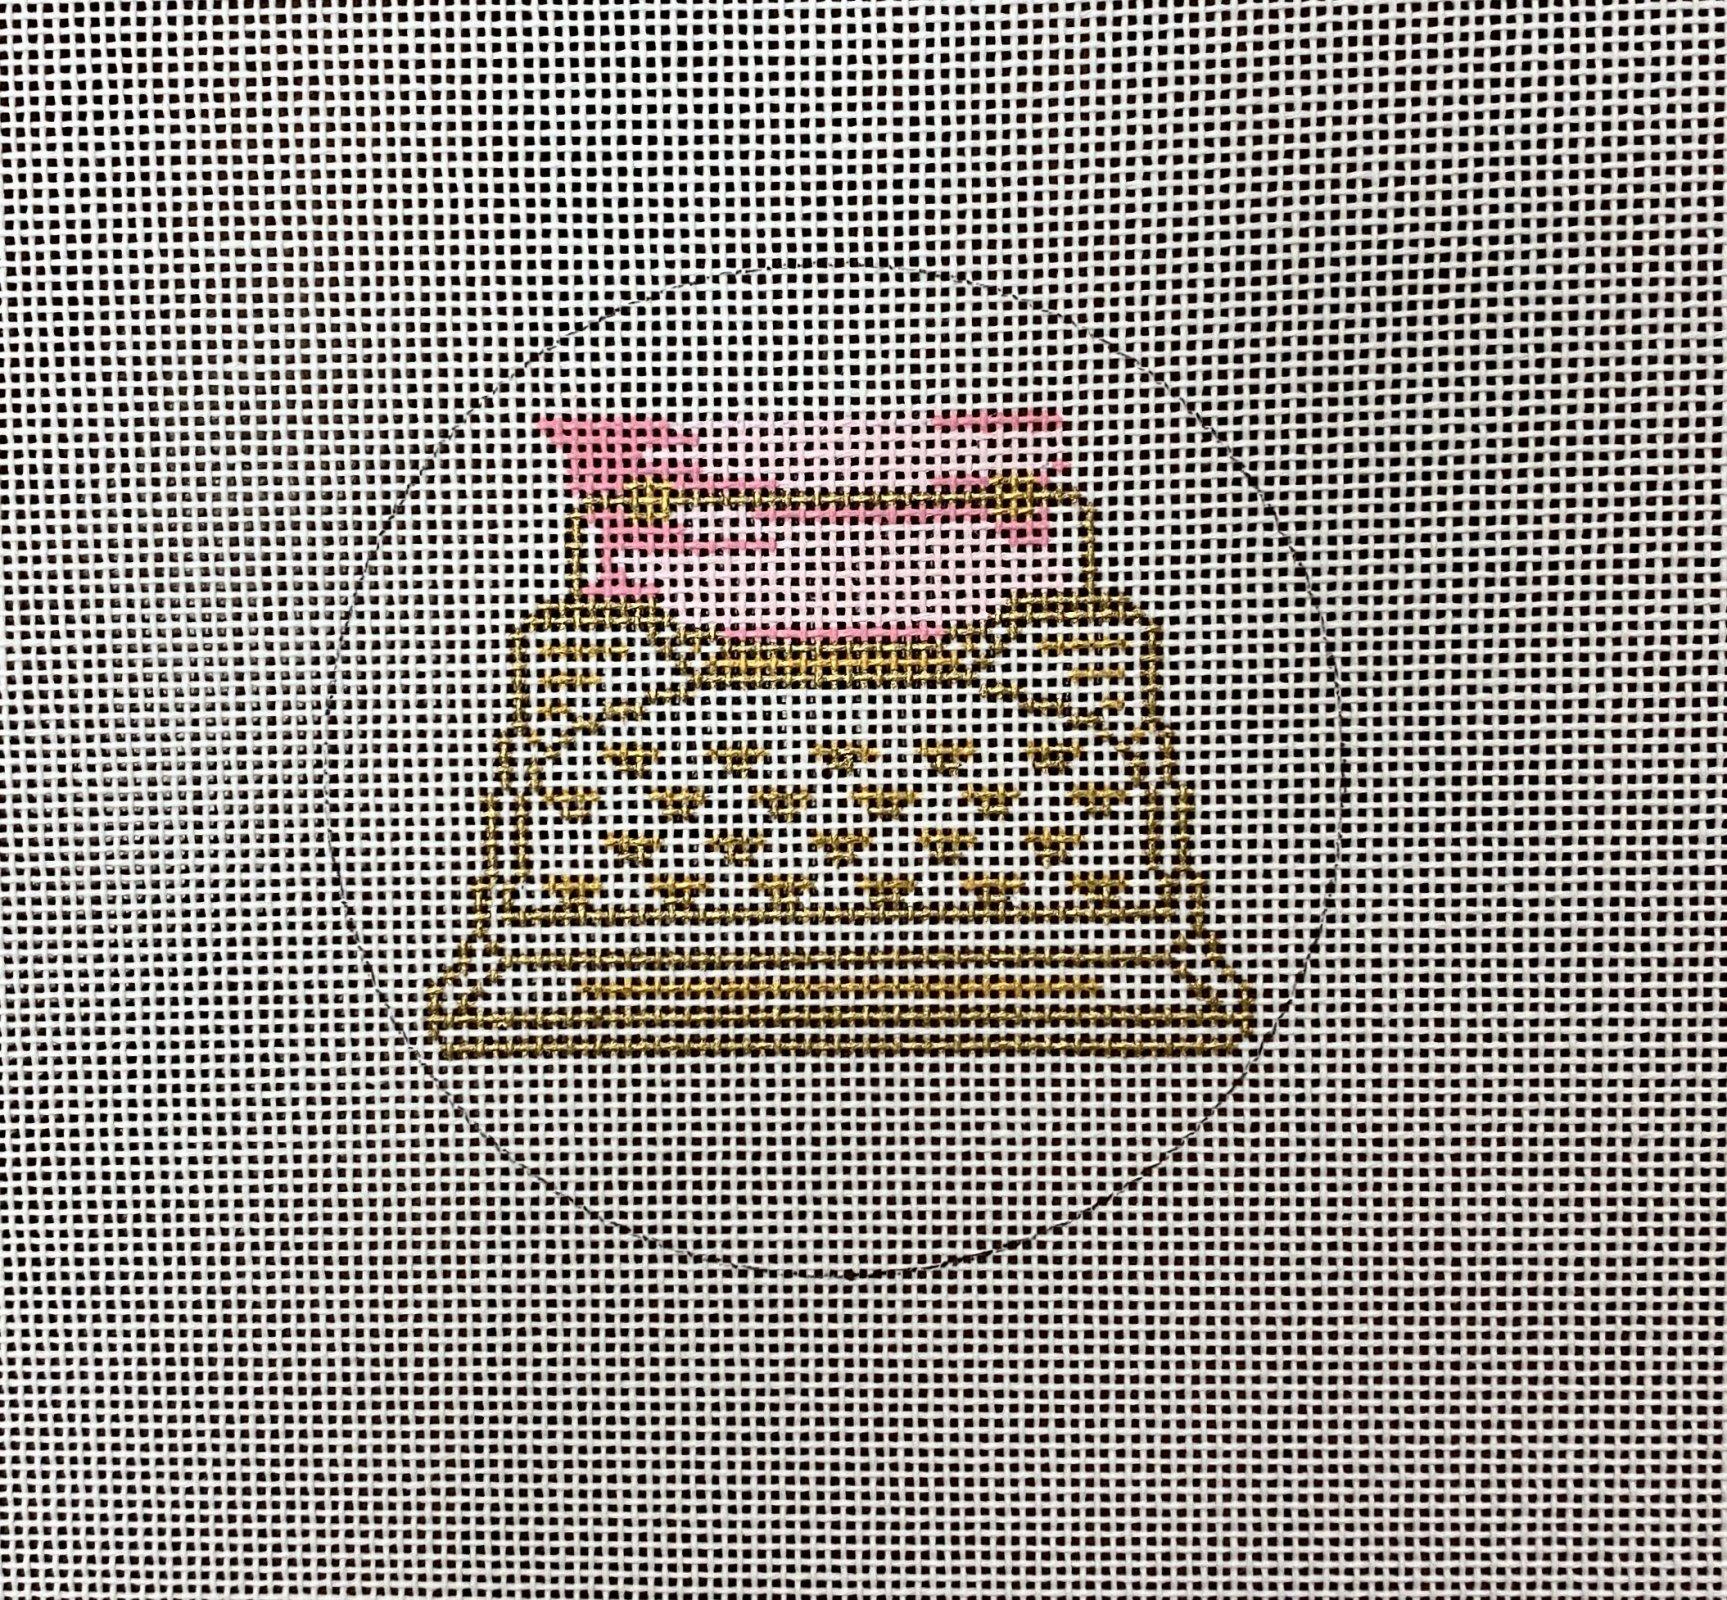 retro series, typewriter